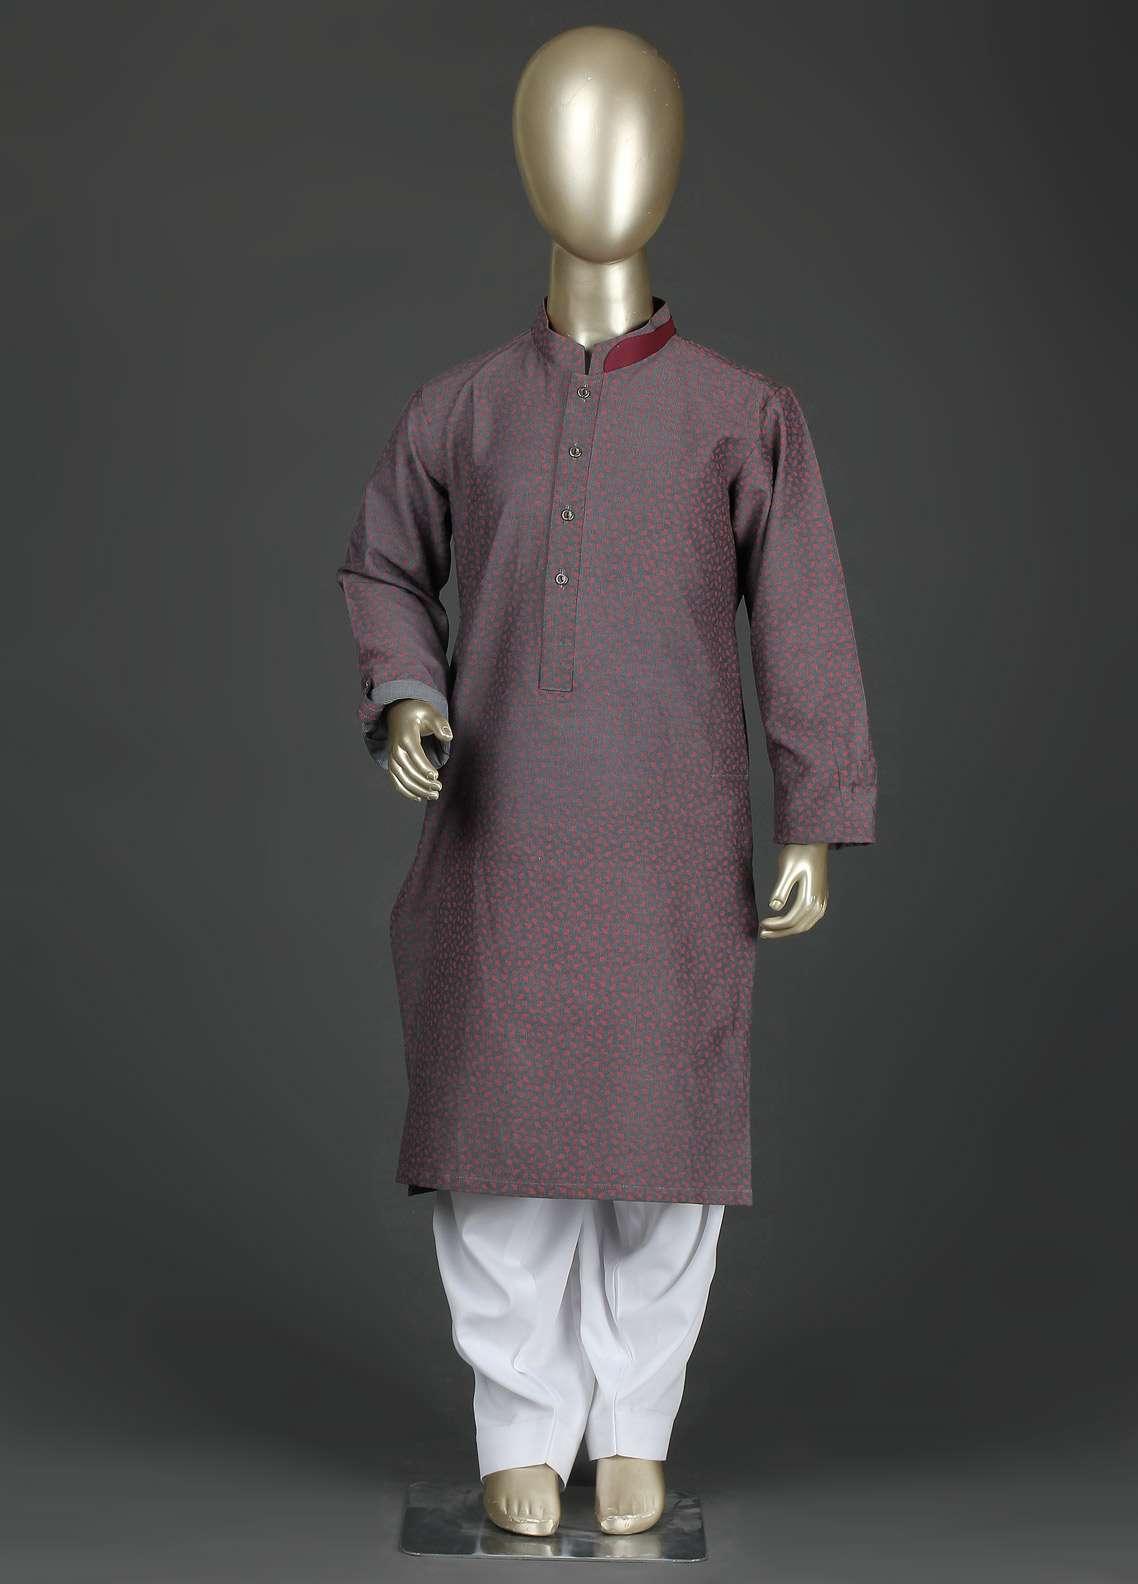 Aizaz Zafar Cotton Formal Kurta Shalwar for Boys - AZ19B 220 Grey